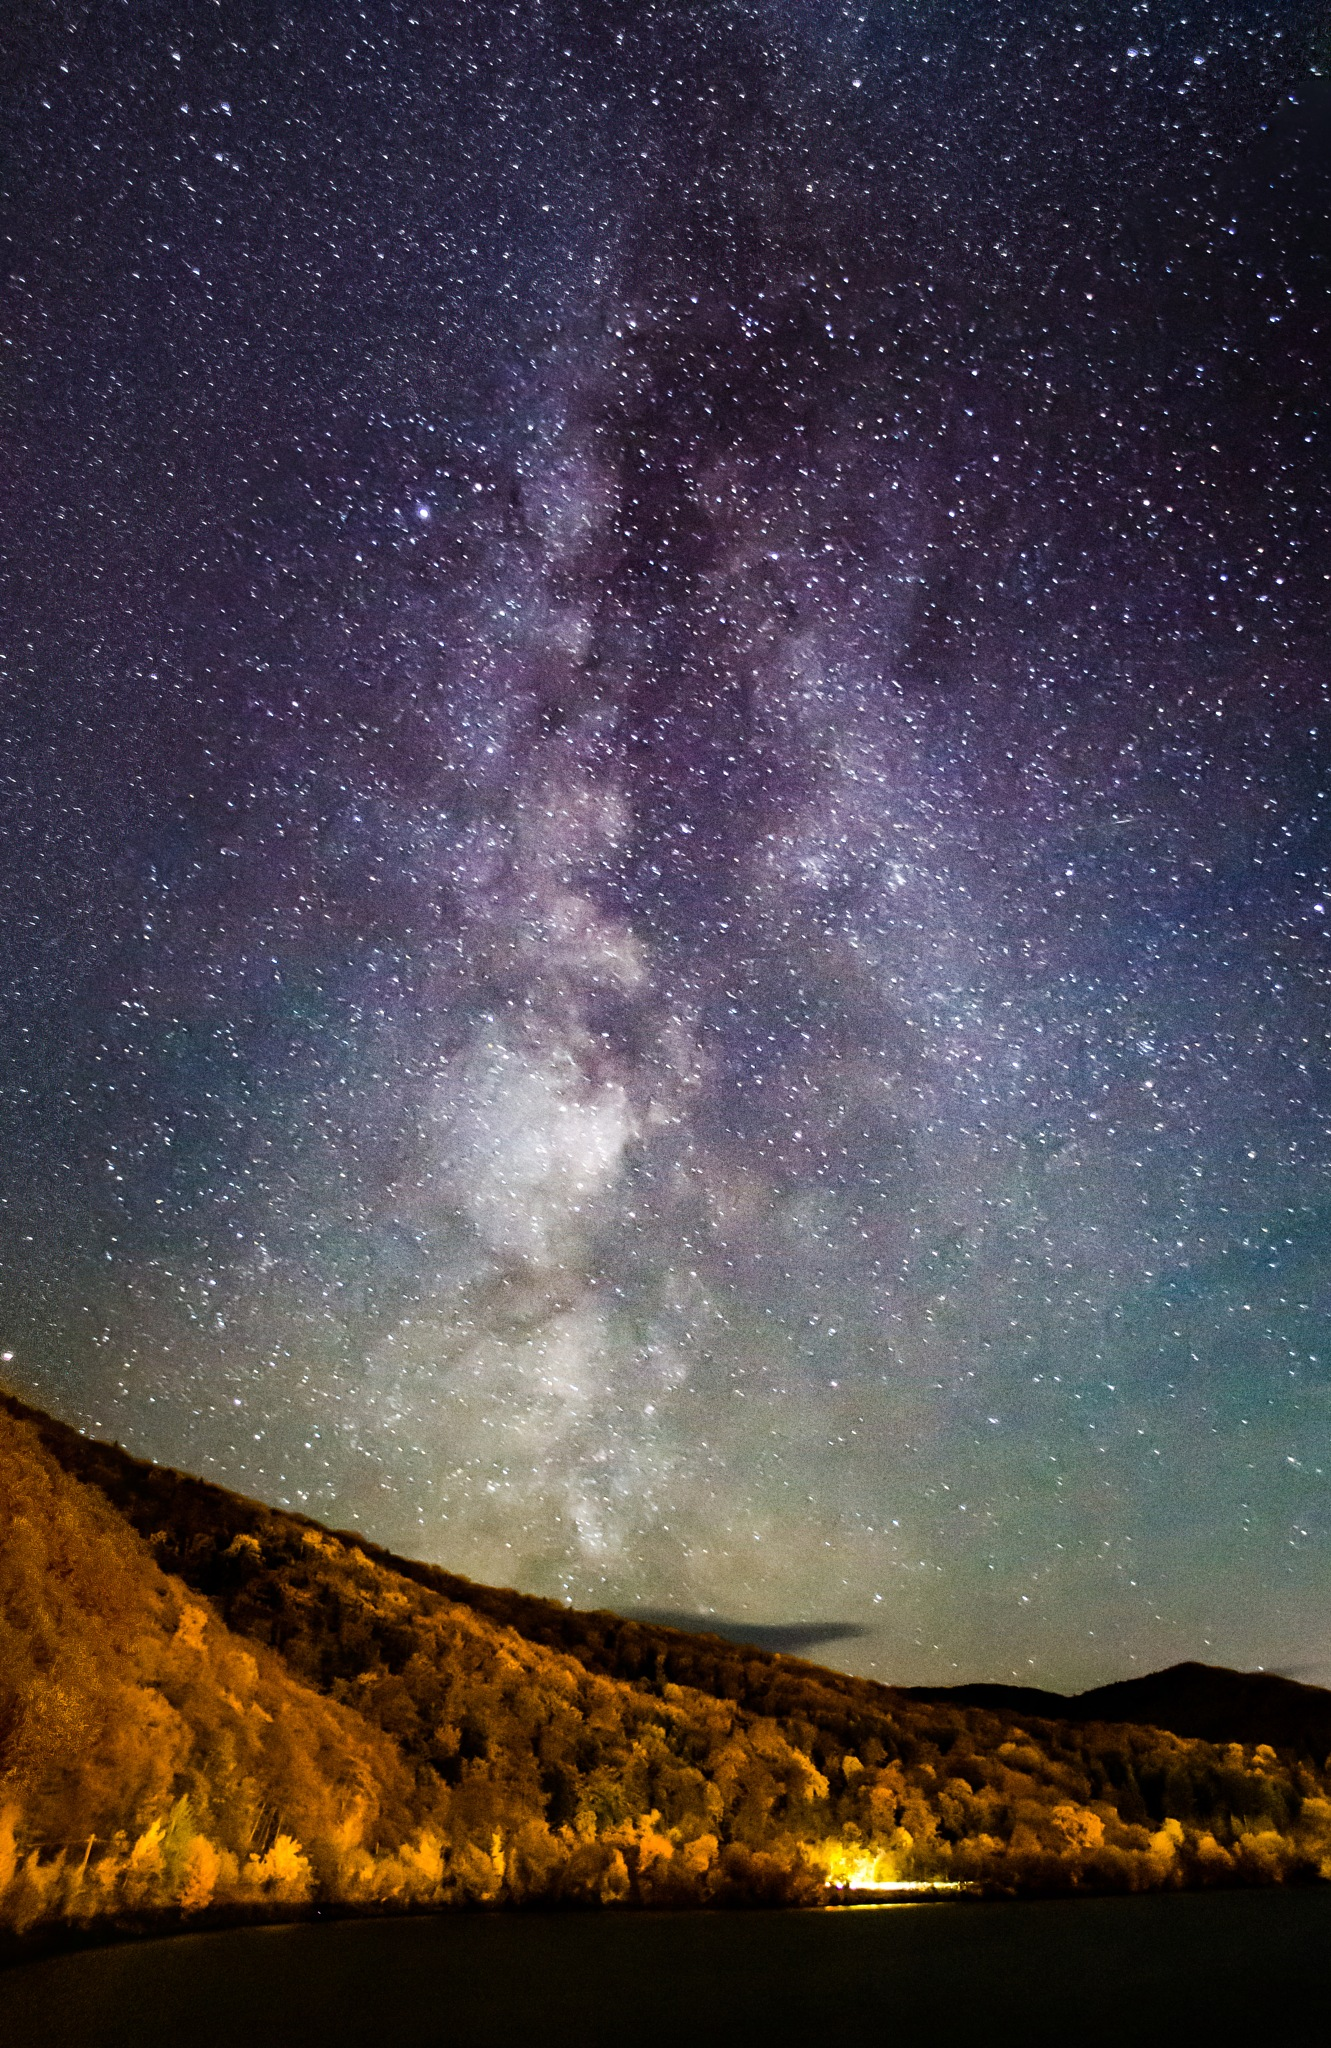 Milky Way by IonutAlexandru